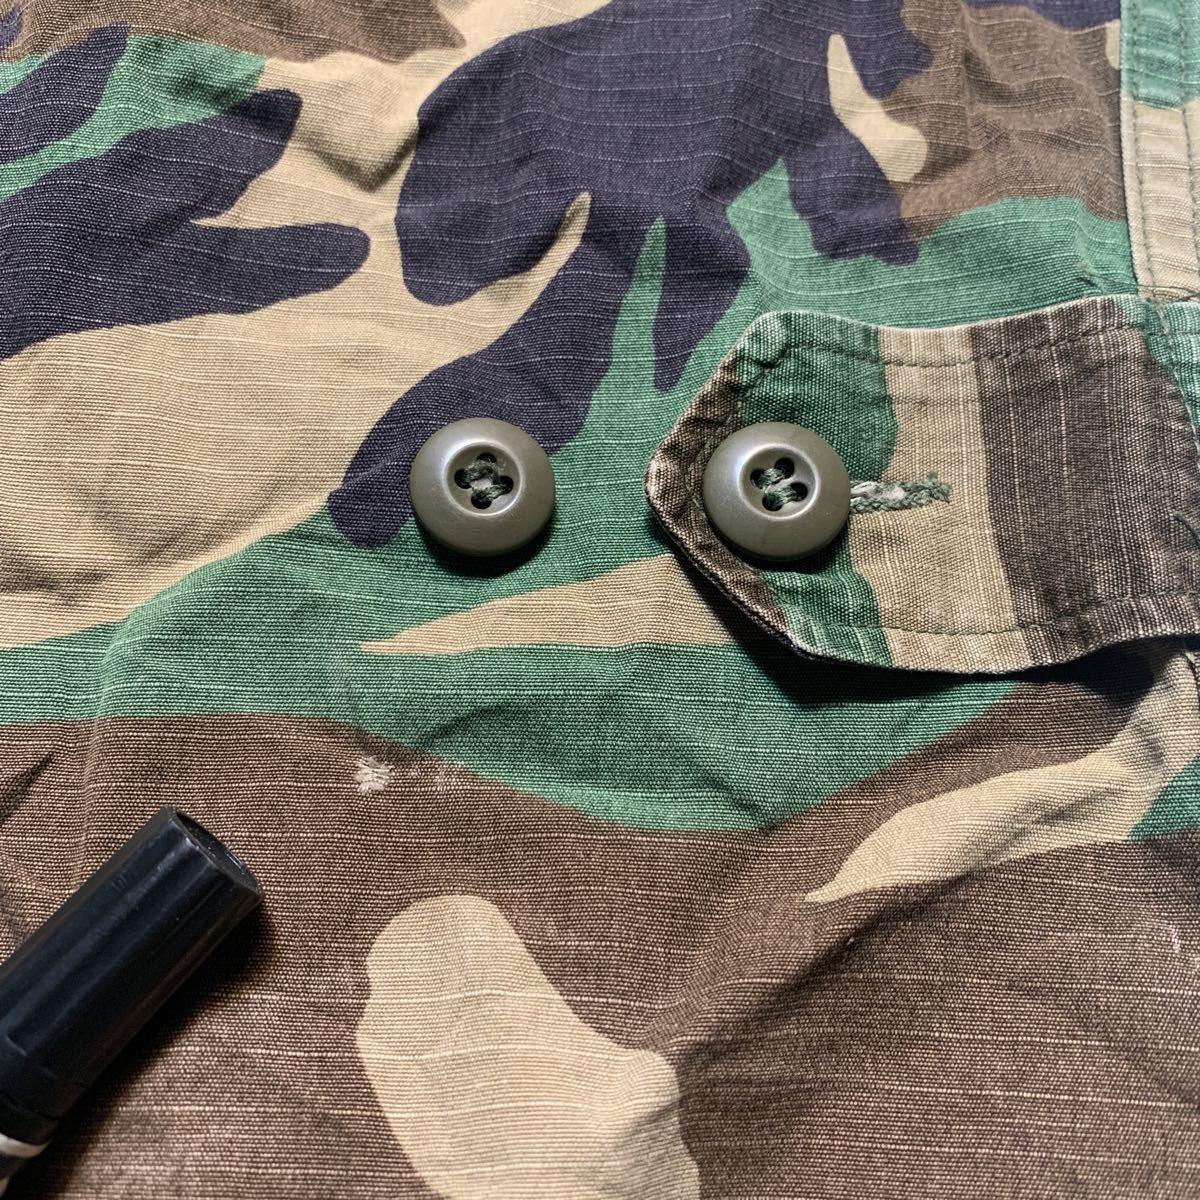 米軍放出品 実物 第82空挺師団 仕様 リップストップ ウッドランド迷彩 BDUジャケット MーXL 中古 Bdu ARMY ビンテージ_画像5